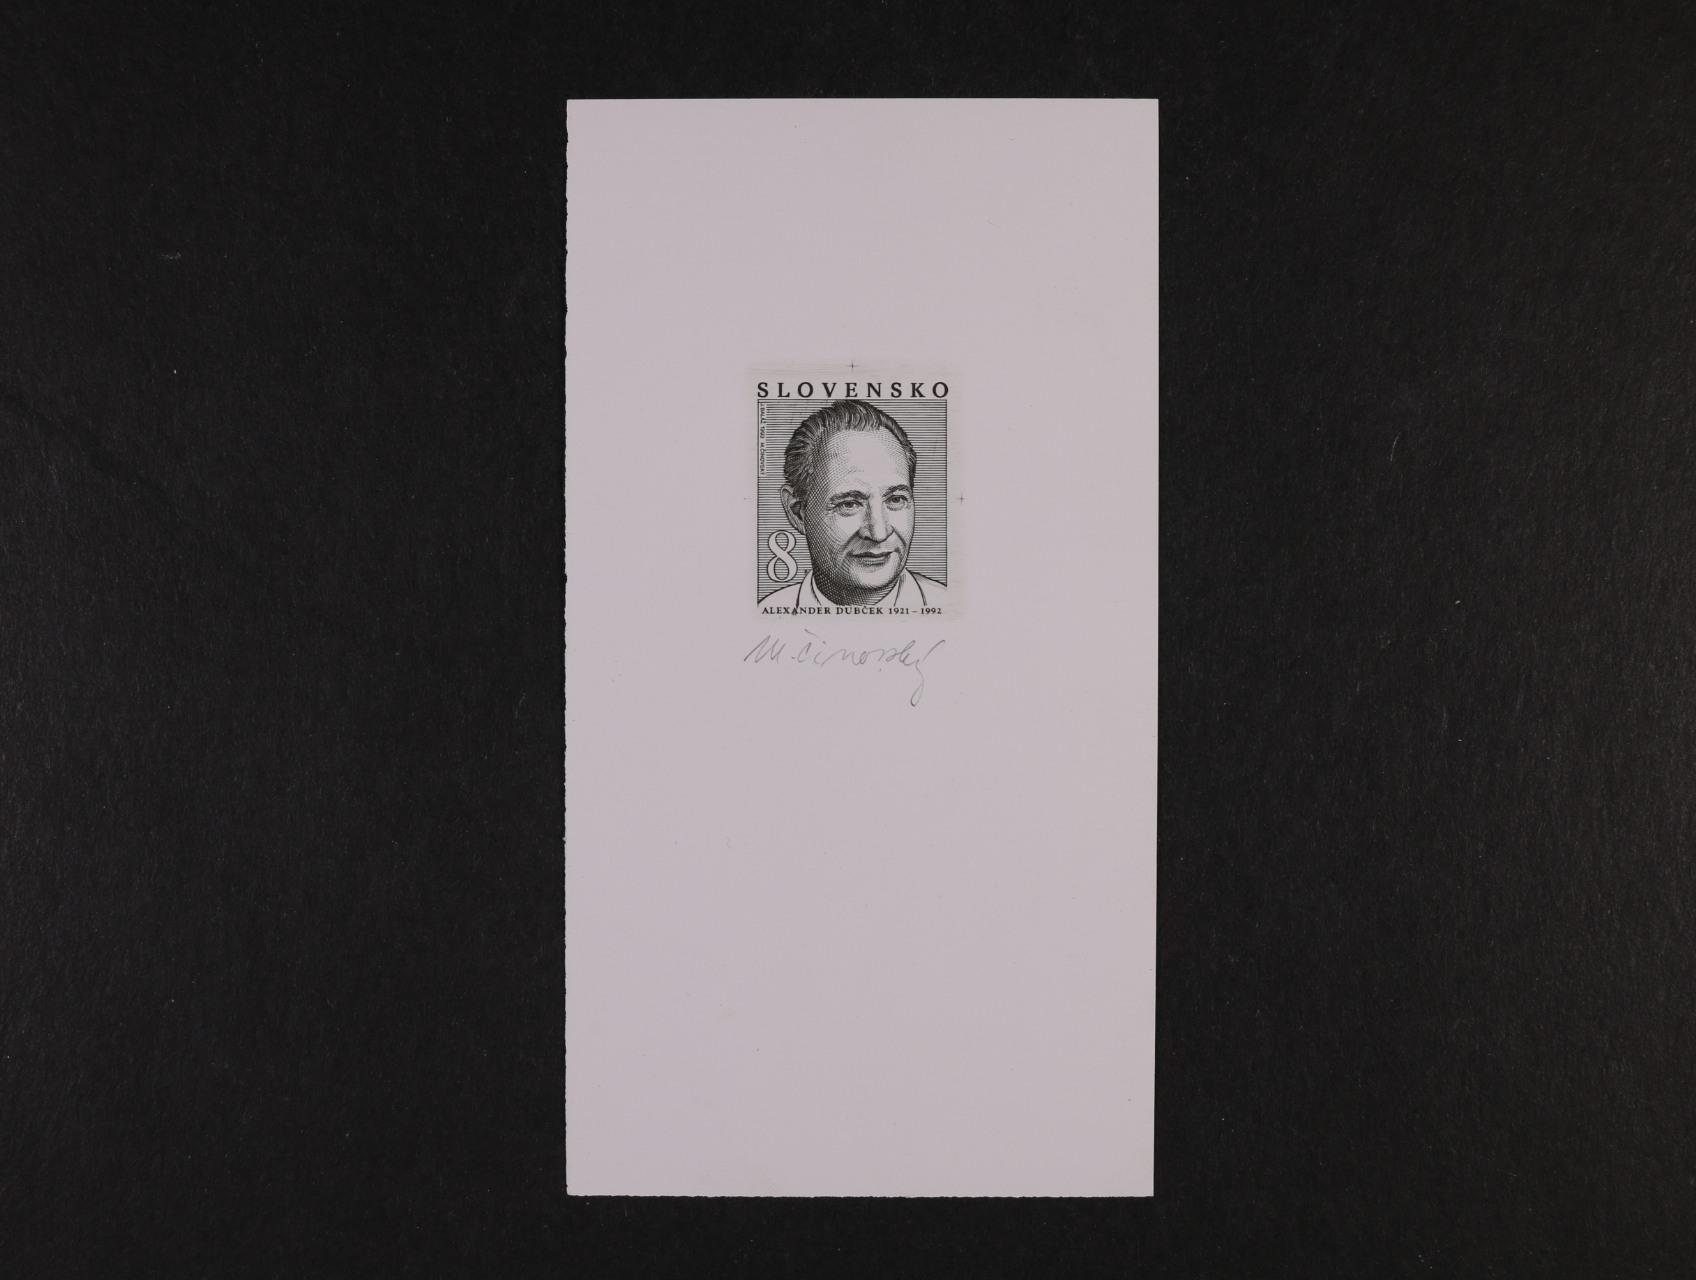 otisk orig. rytiny zn. č. 11 v černé barvě na kousku papíru, sign. Činovský